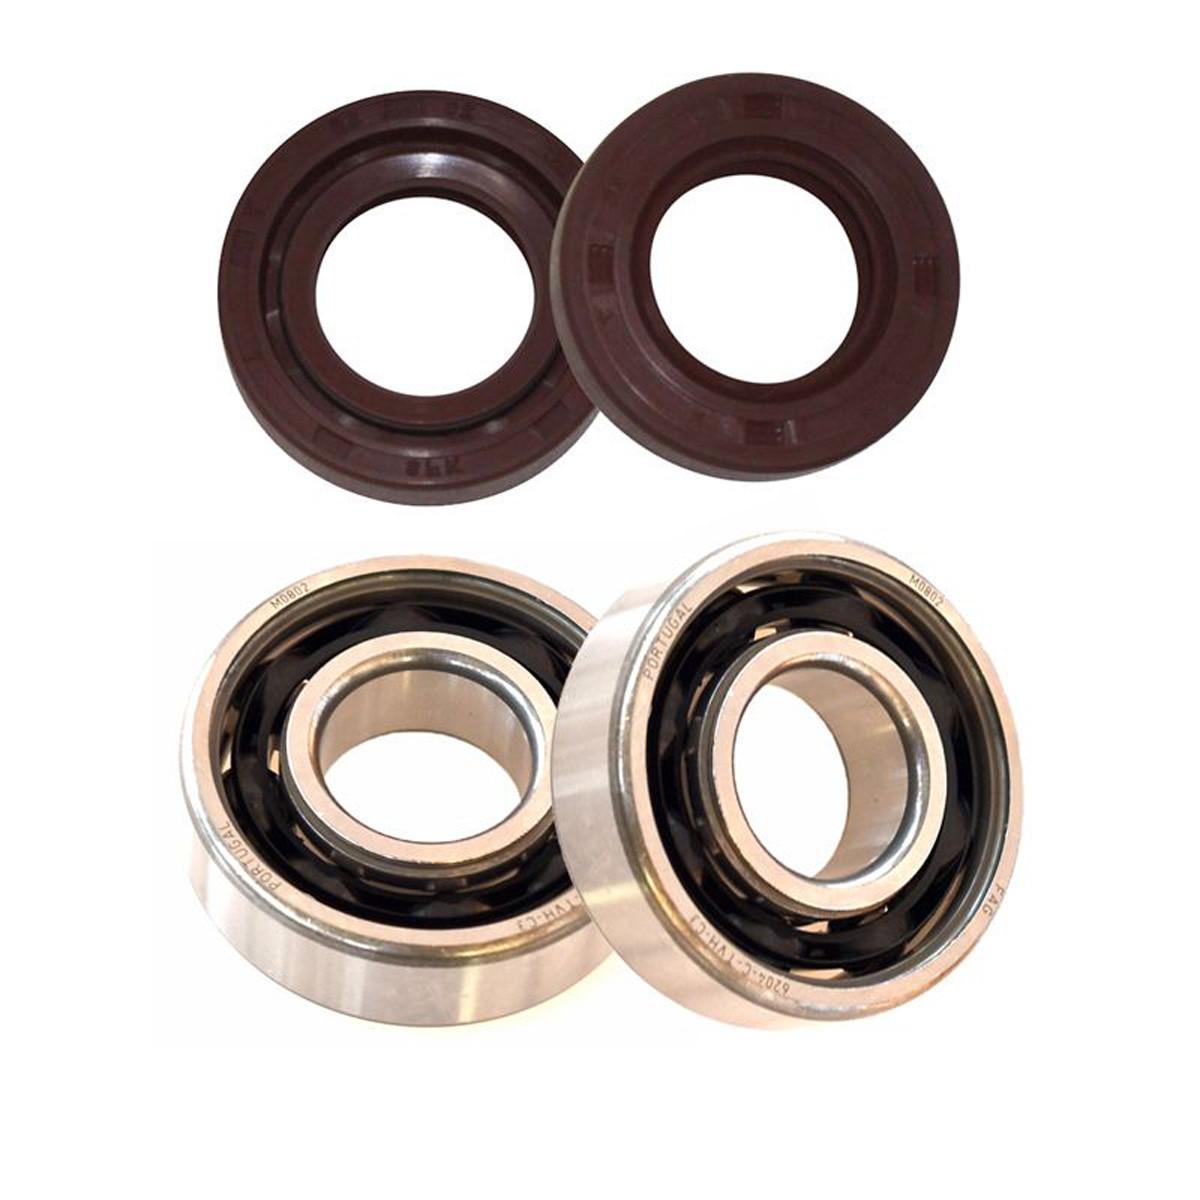 Kit Roulements C3 + Joints Spi Viton AM6 - MVT 6303 + 6204